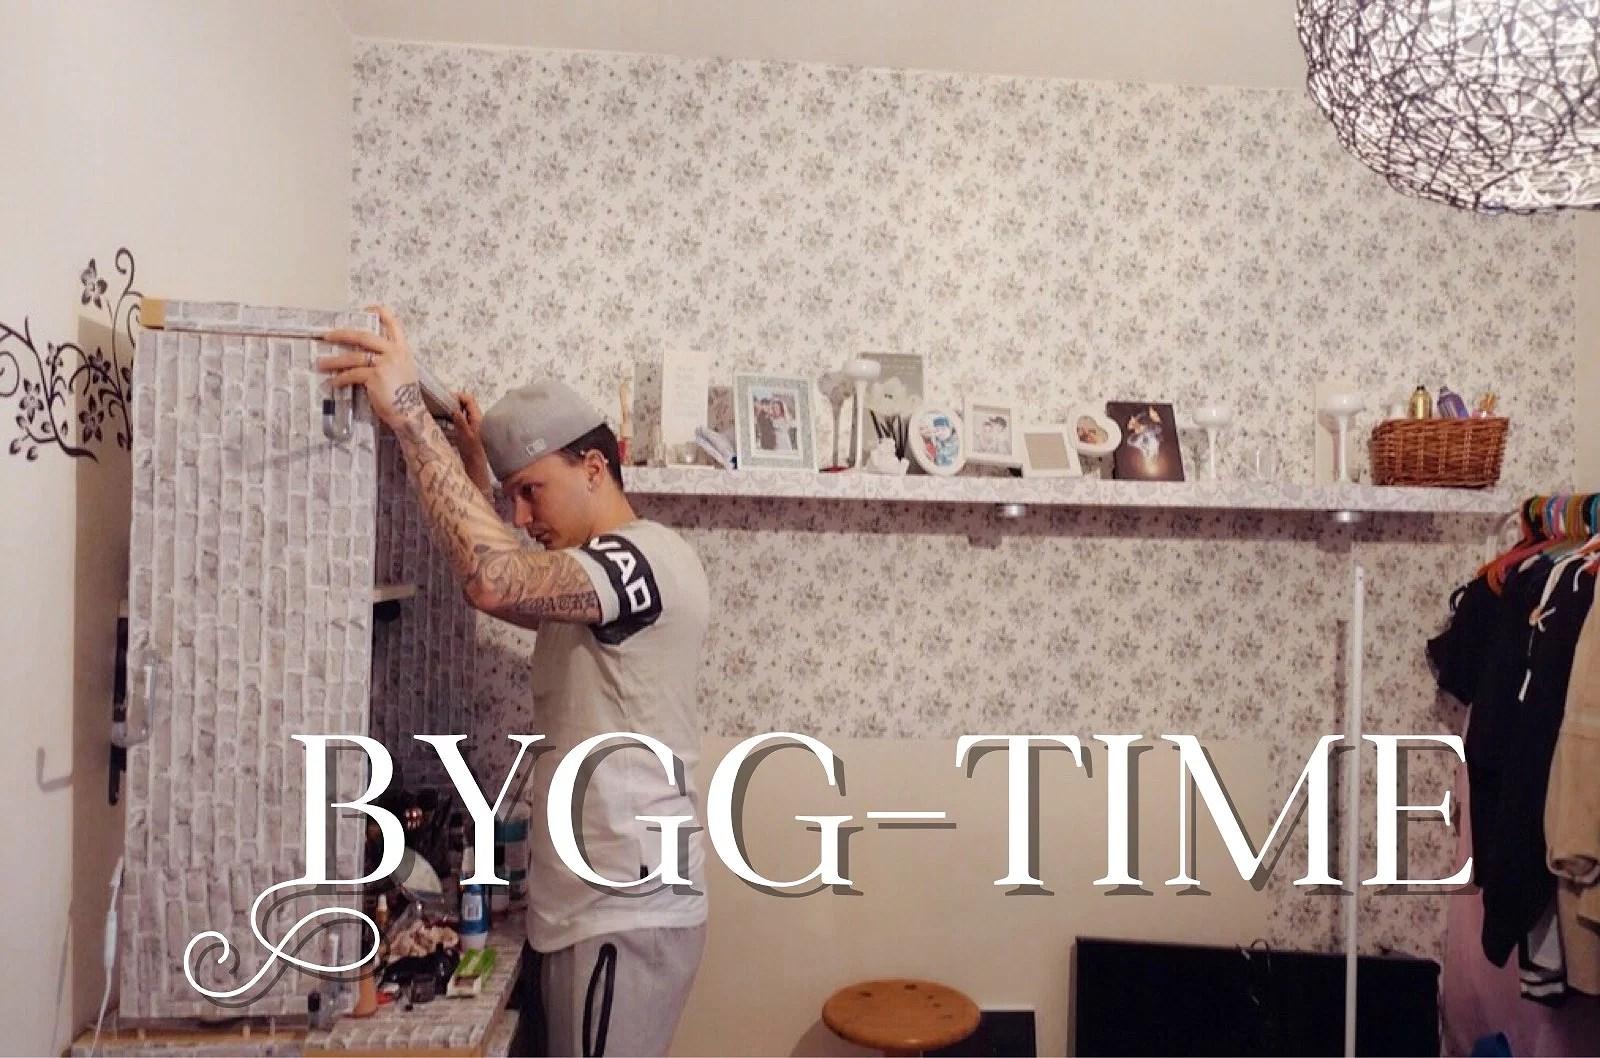 Byggtime!